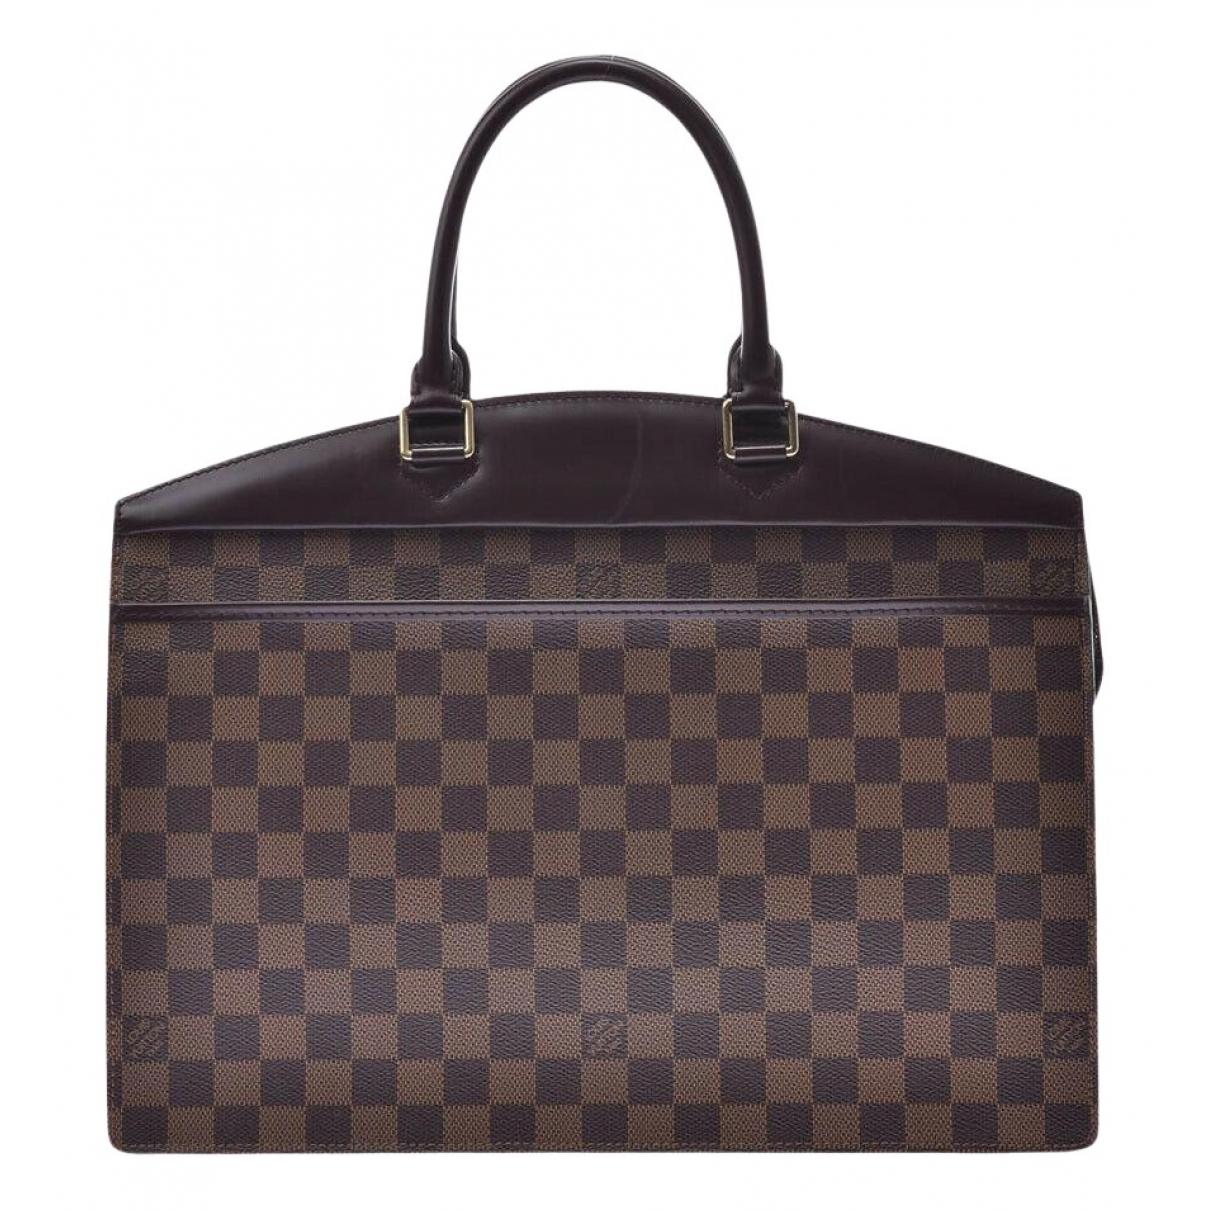 Louis Vuitton - Sac a main Riviera  pour femme en toile - marron